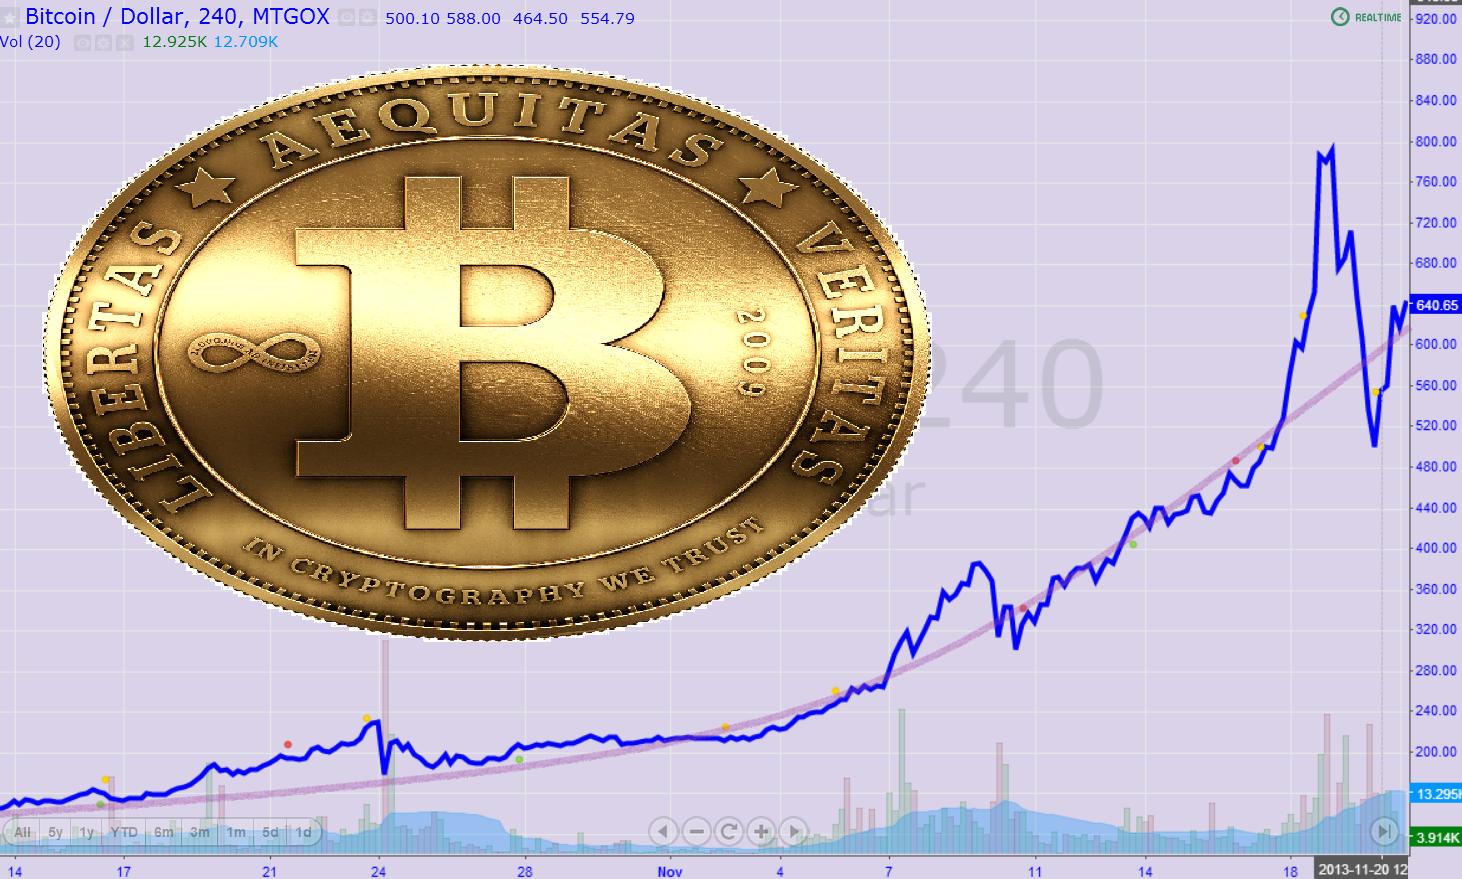 будет стоить в 2017 году биткоин сколько-4